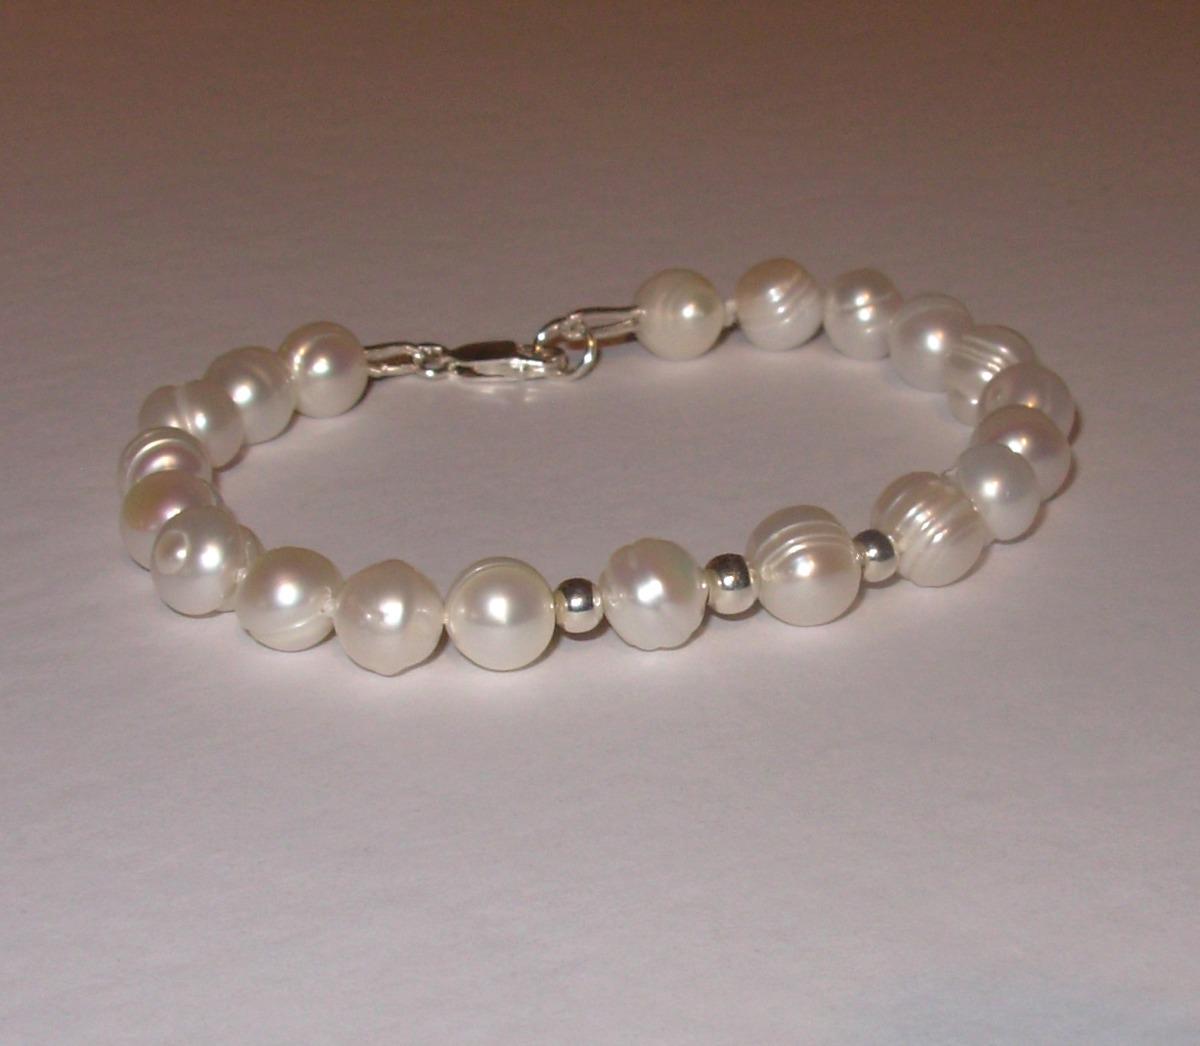 cb9aa13f6de5 pulsera perlas naturales cultivadas y plata pyn. Cargando zoom.